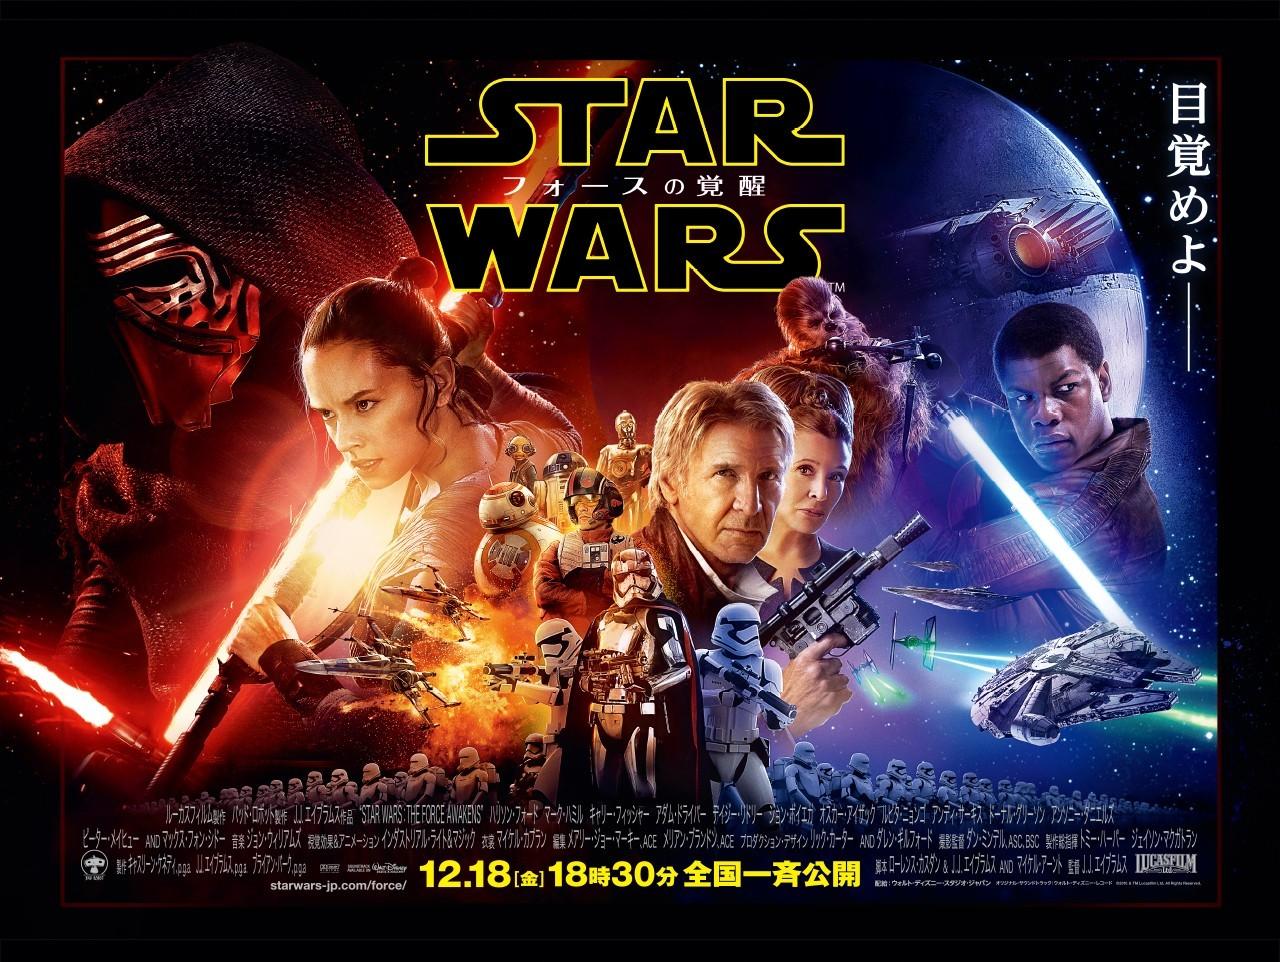 スター・ウォーズ / フォースの覚醒 (J.J. エイブラムス監督 / 原題 : Star Wars The Force Awakens)_e0345320_21053452.jpg